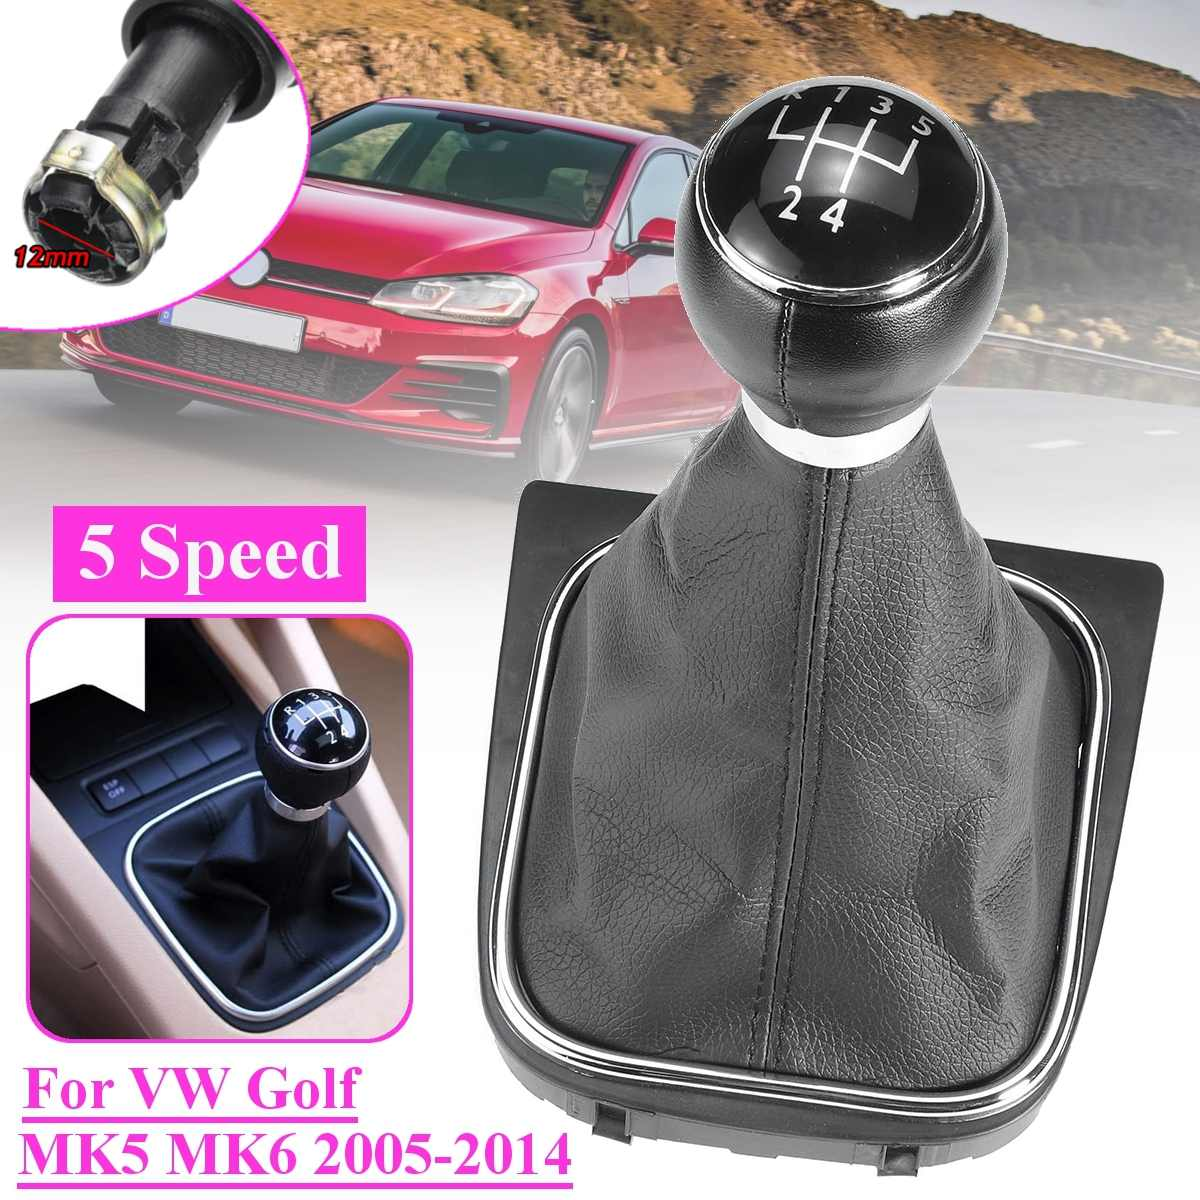 5/6 скоростная кожаная ручка переключения рулевого механизма автомобиля ручки пылезащитный чехол для VW Golf MK5 MK6 Golf 5 6 Rabbit Jetta MK6 2010-2014 Стайлинг